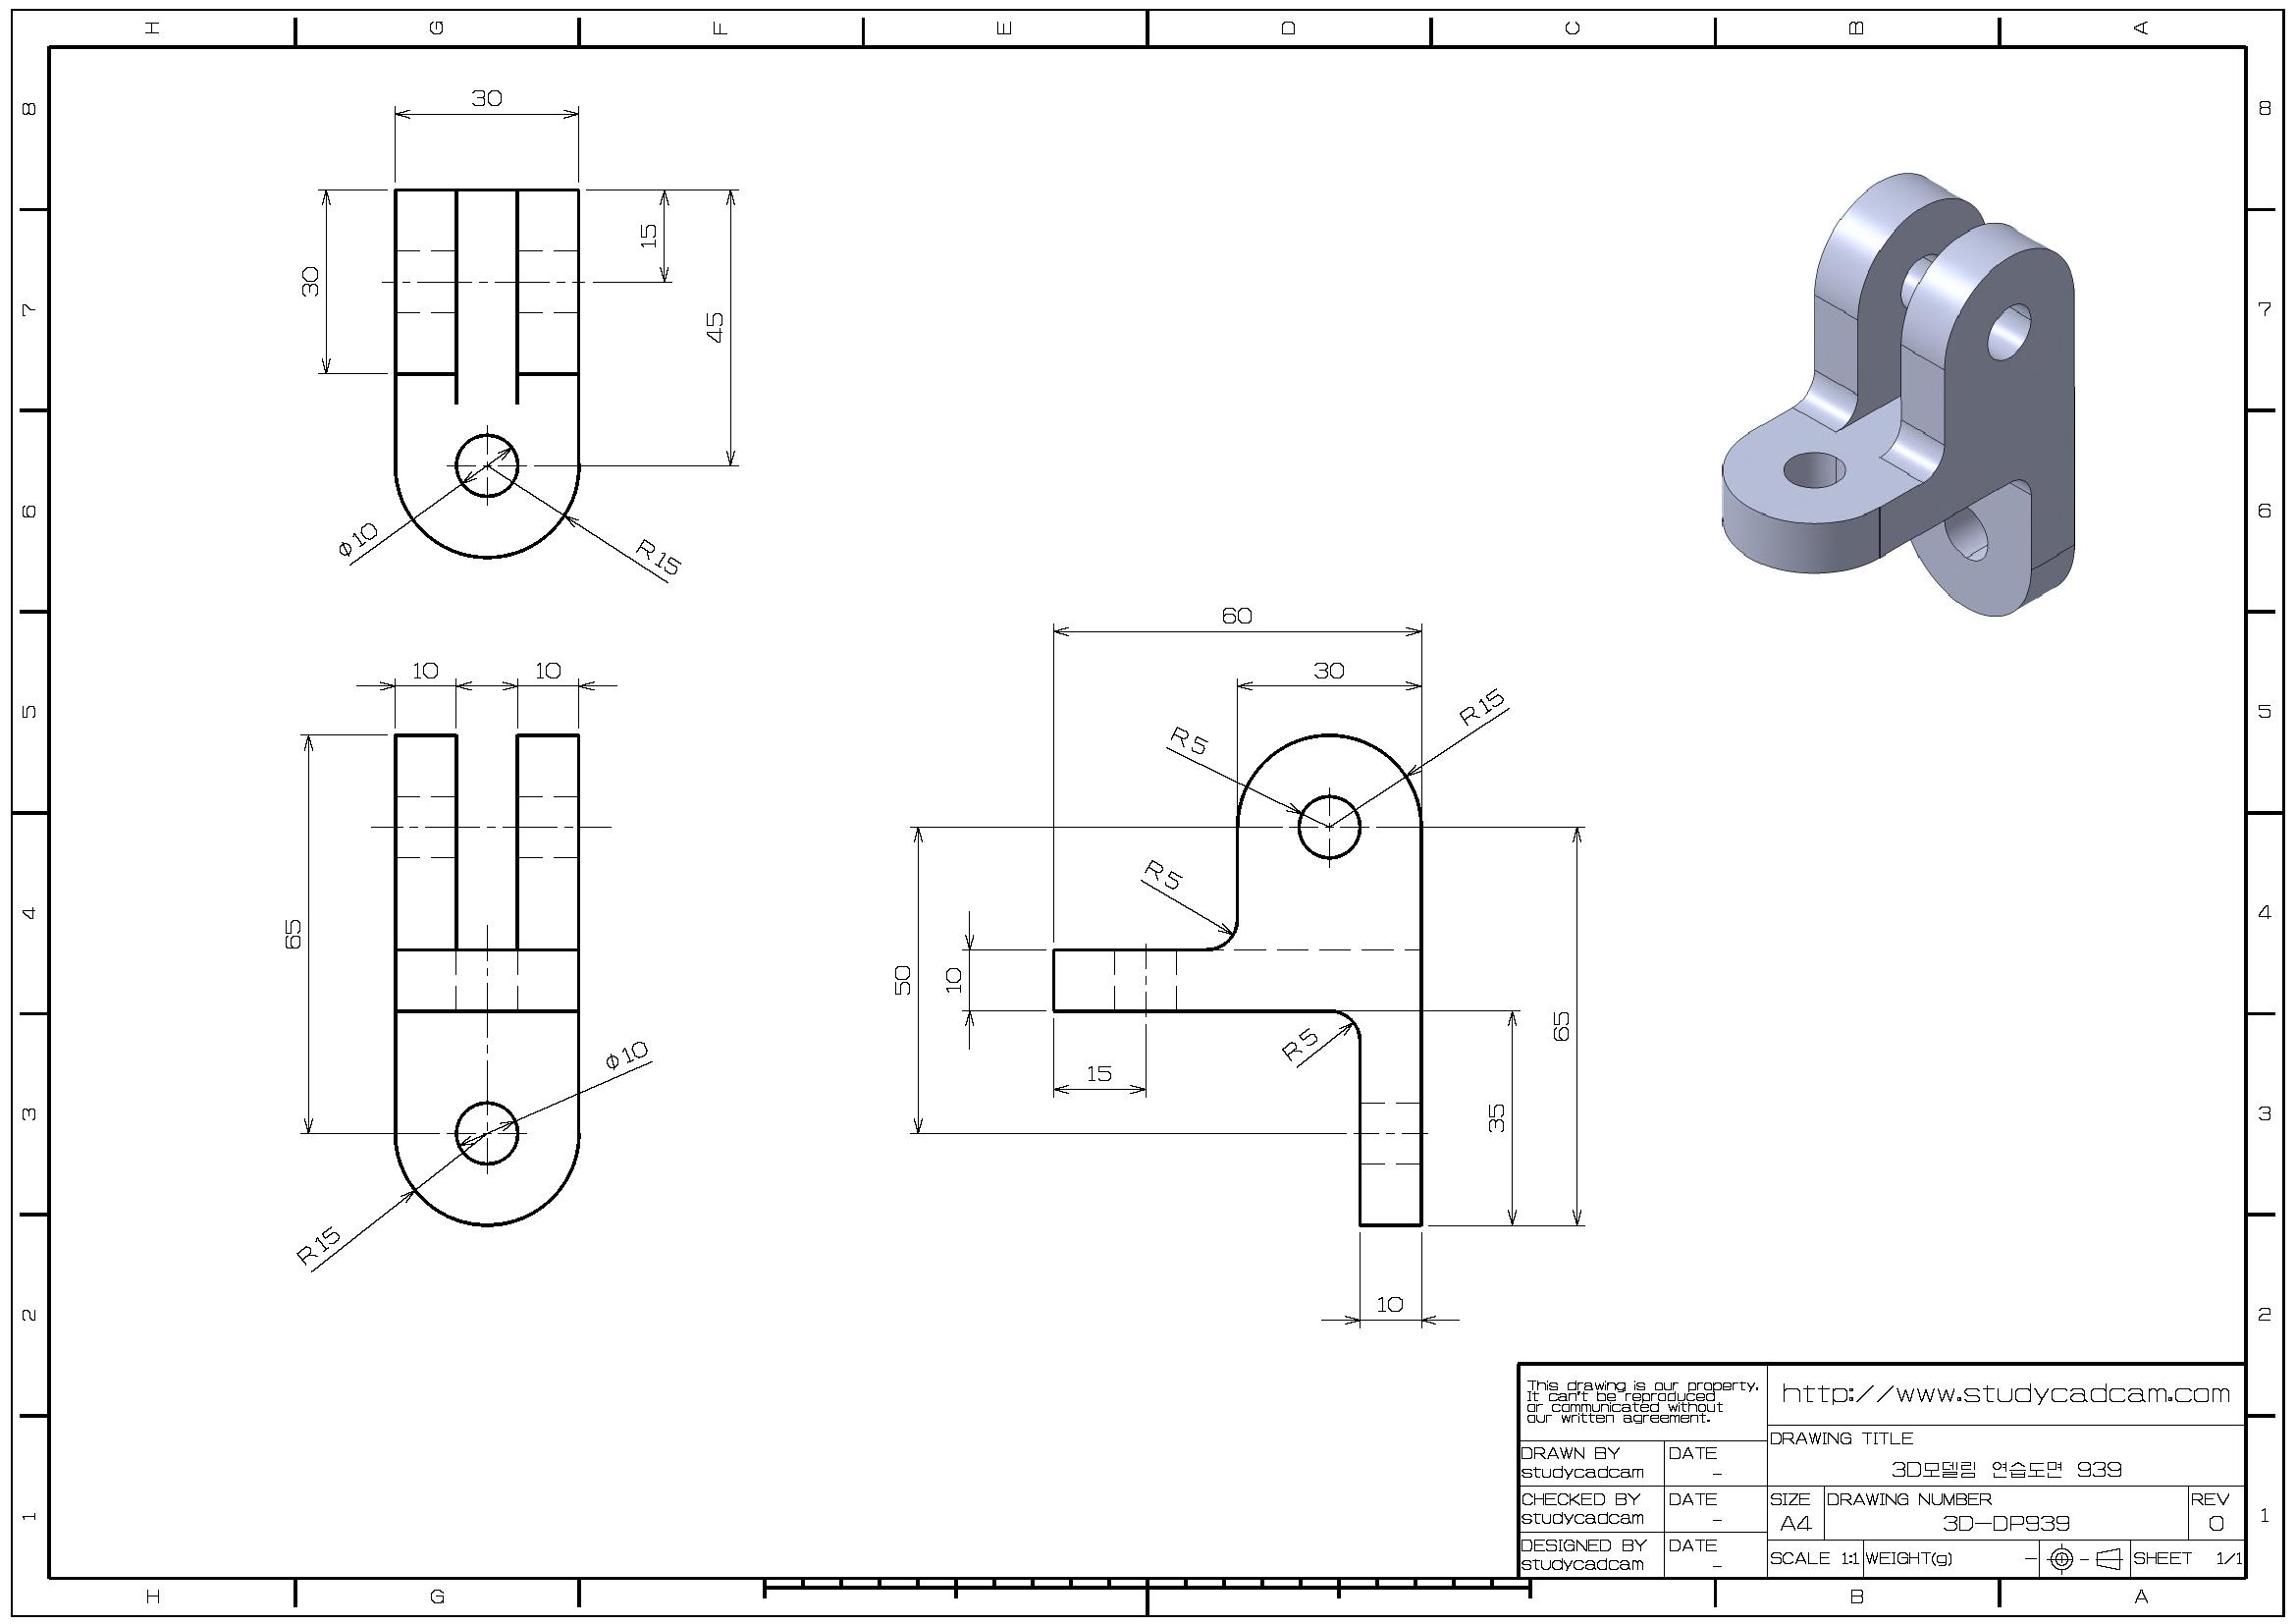 학습자료 3d 연습도면 3d모델링 연습도면 939 Level1 네이버 블로그 En 2020 Ejercicios De Dibujo Dibujo Tecnico Ejercicios Tecnicas De Dibujo